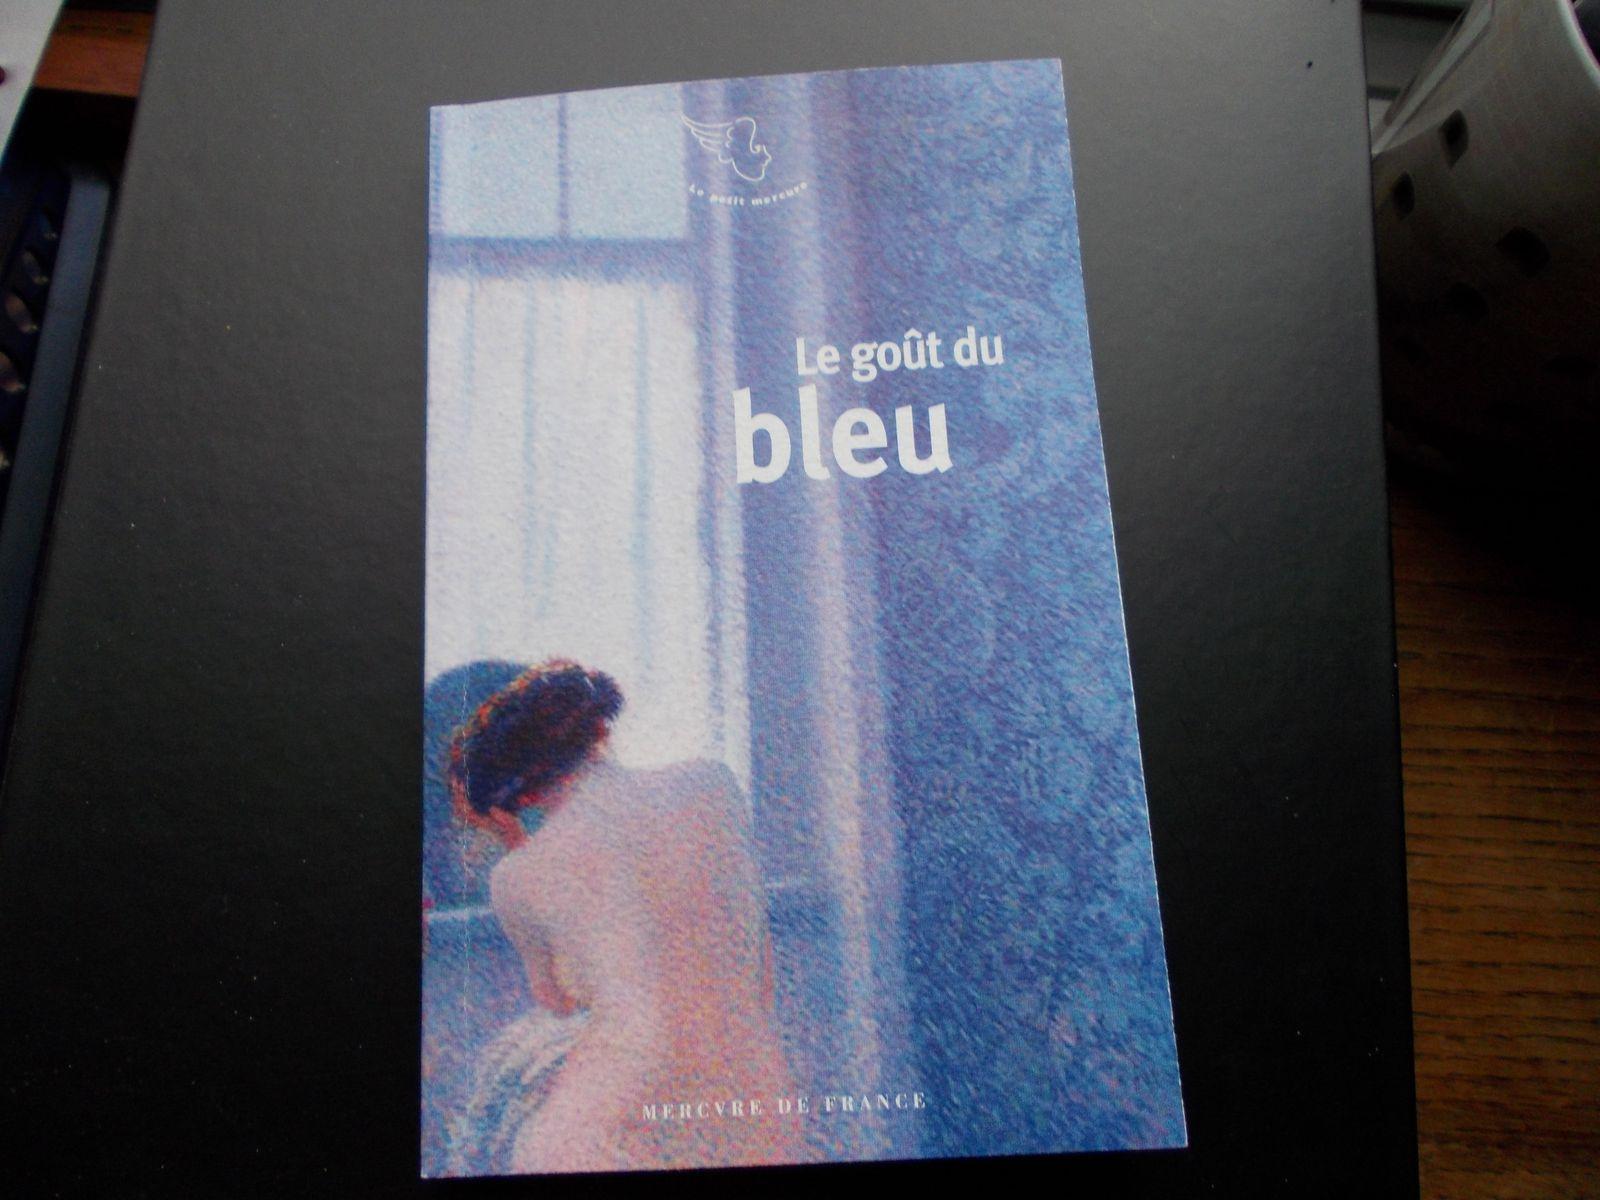 BLEU - livre offert par ma belle-soeur Odile avec une dédicace qui m'a beaucoup touchée - merci Odile - plein de bisous